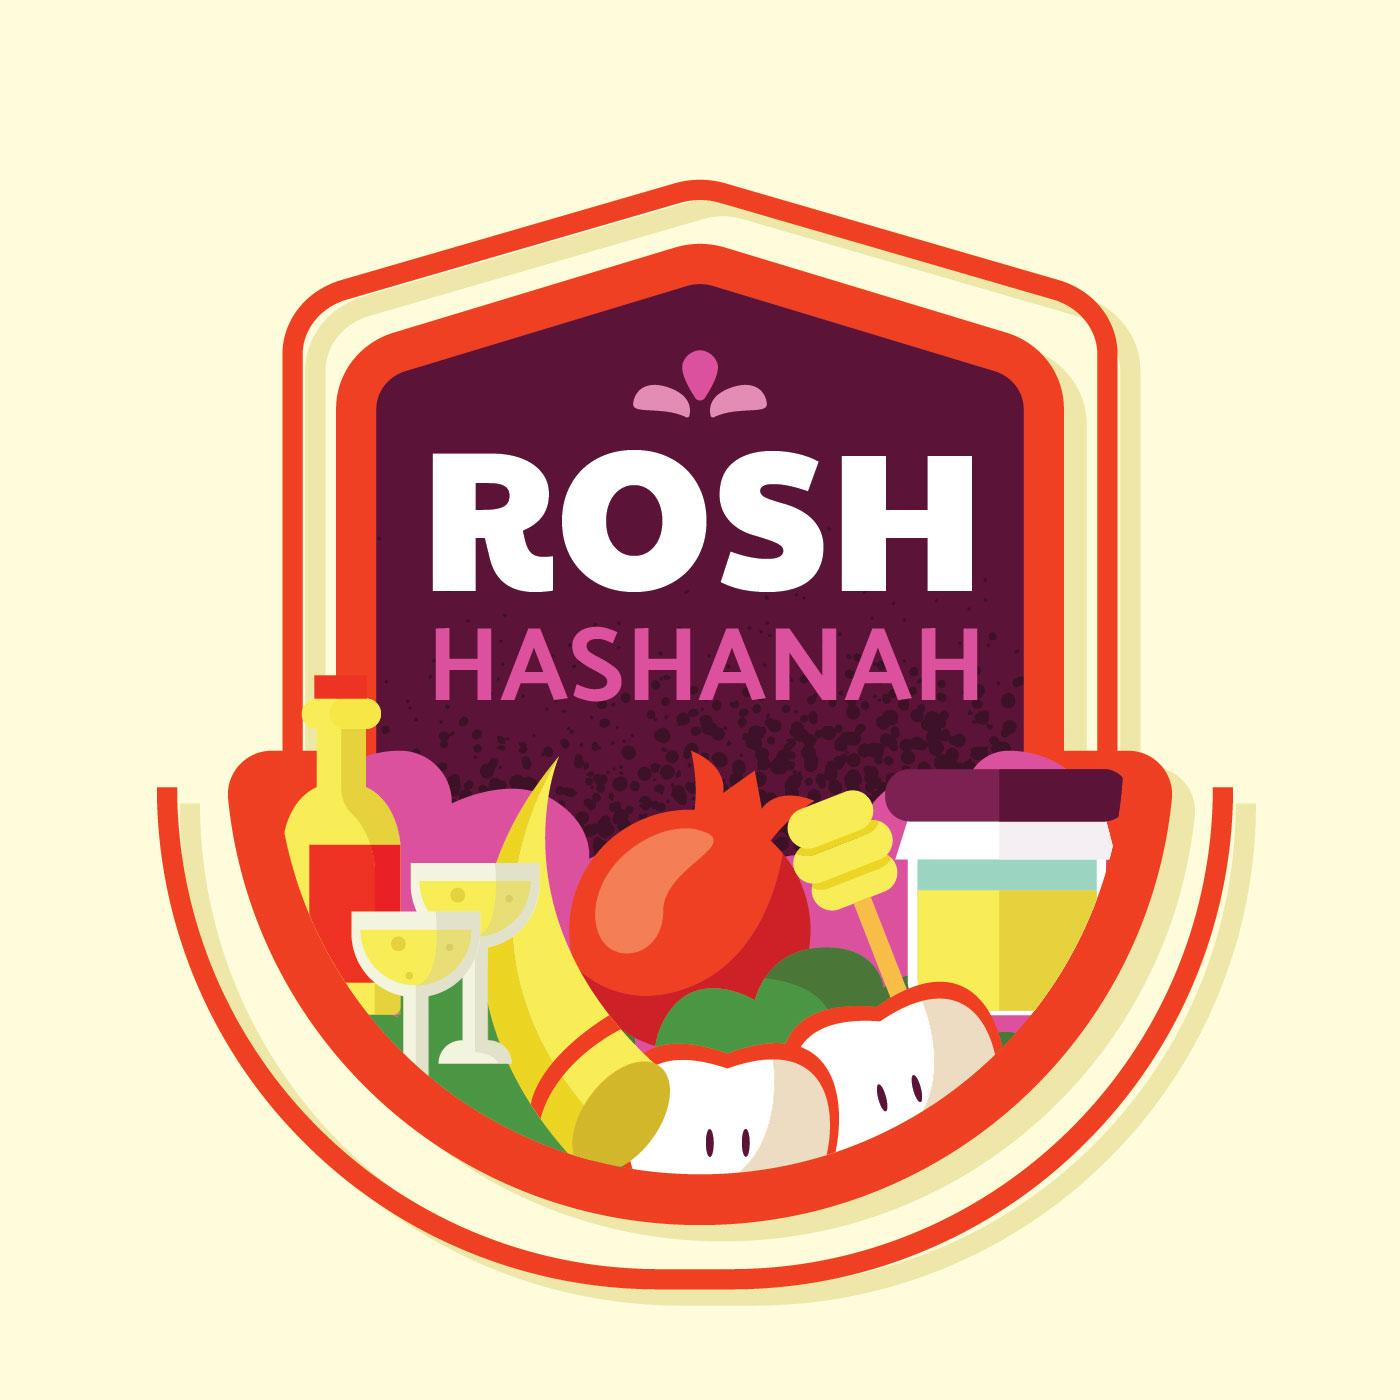 Rosh Hashanah Badge Vector Design - Download Free Vectors ...